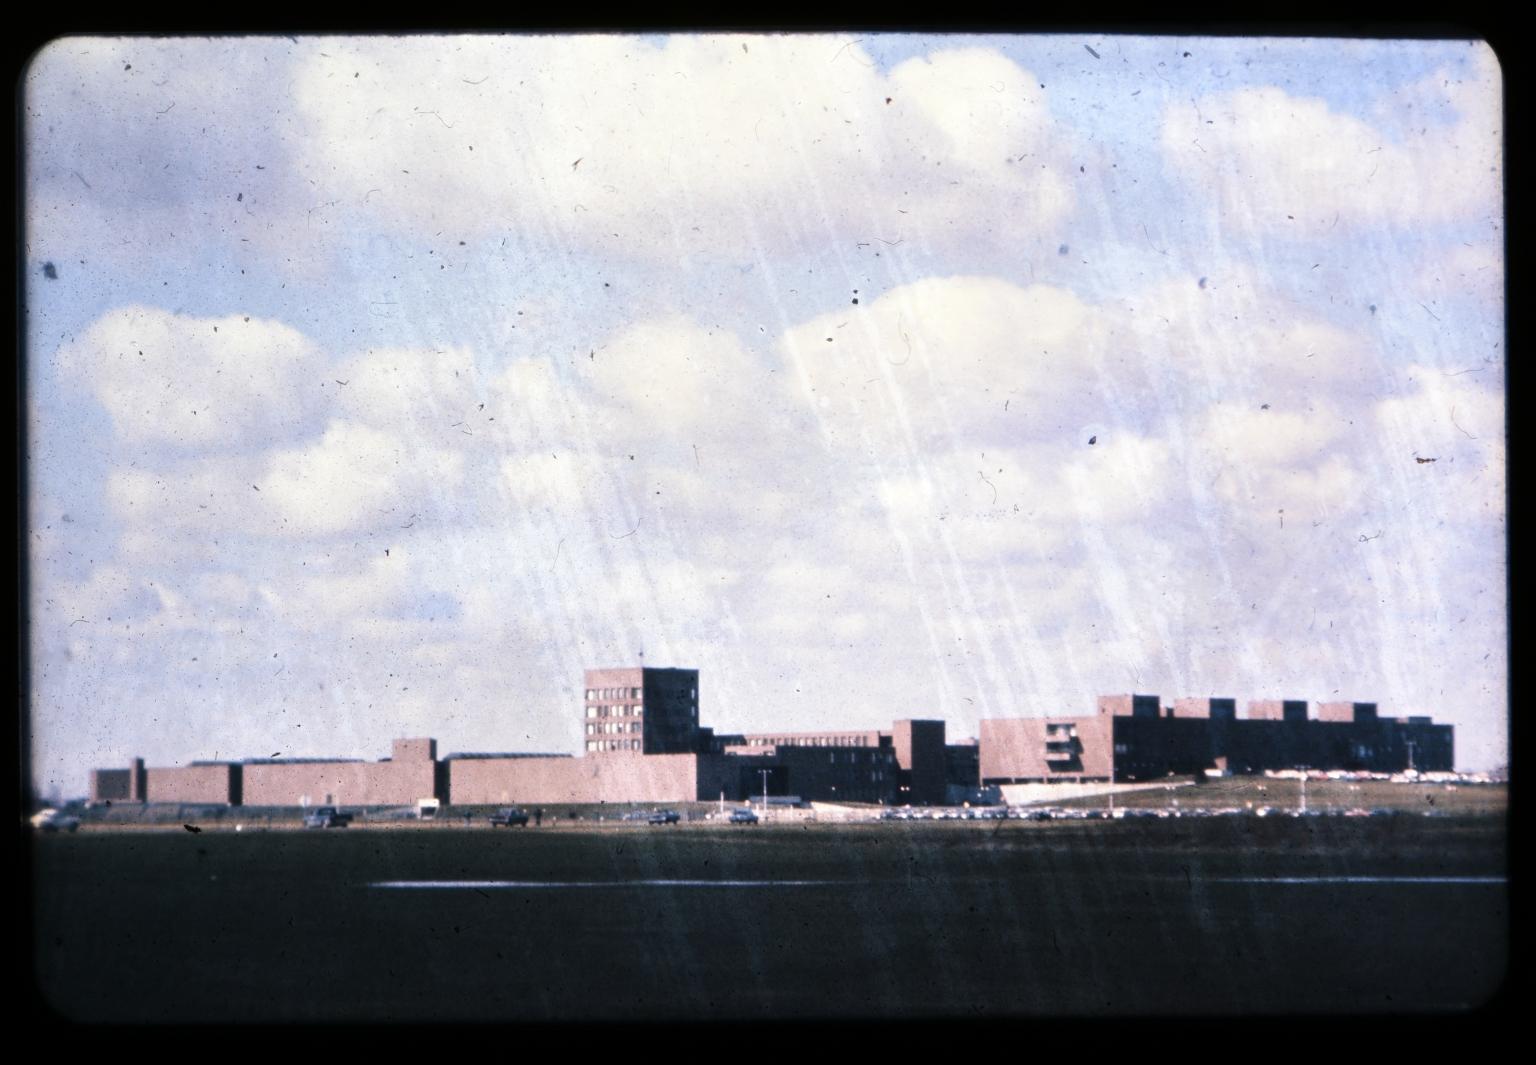 Henrietta campus from a distance